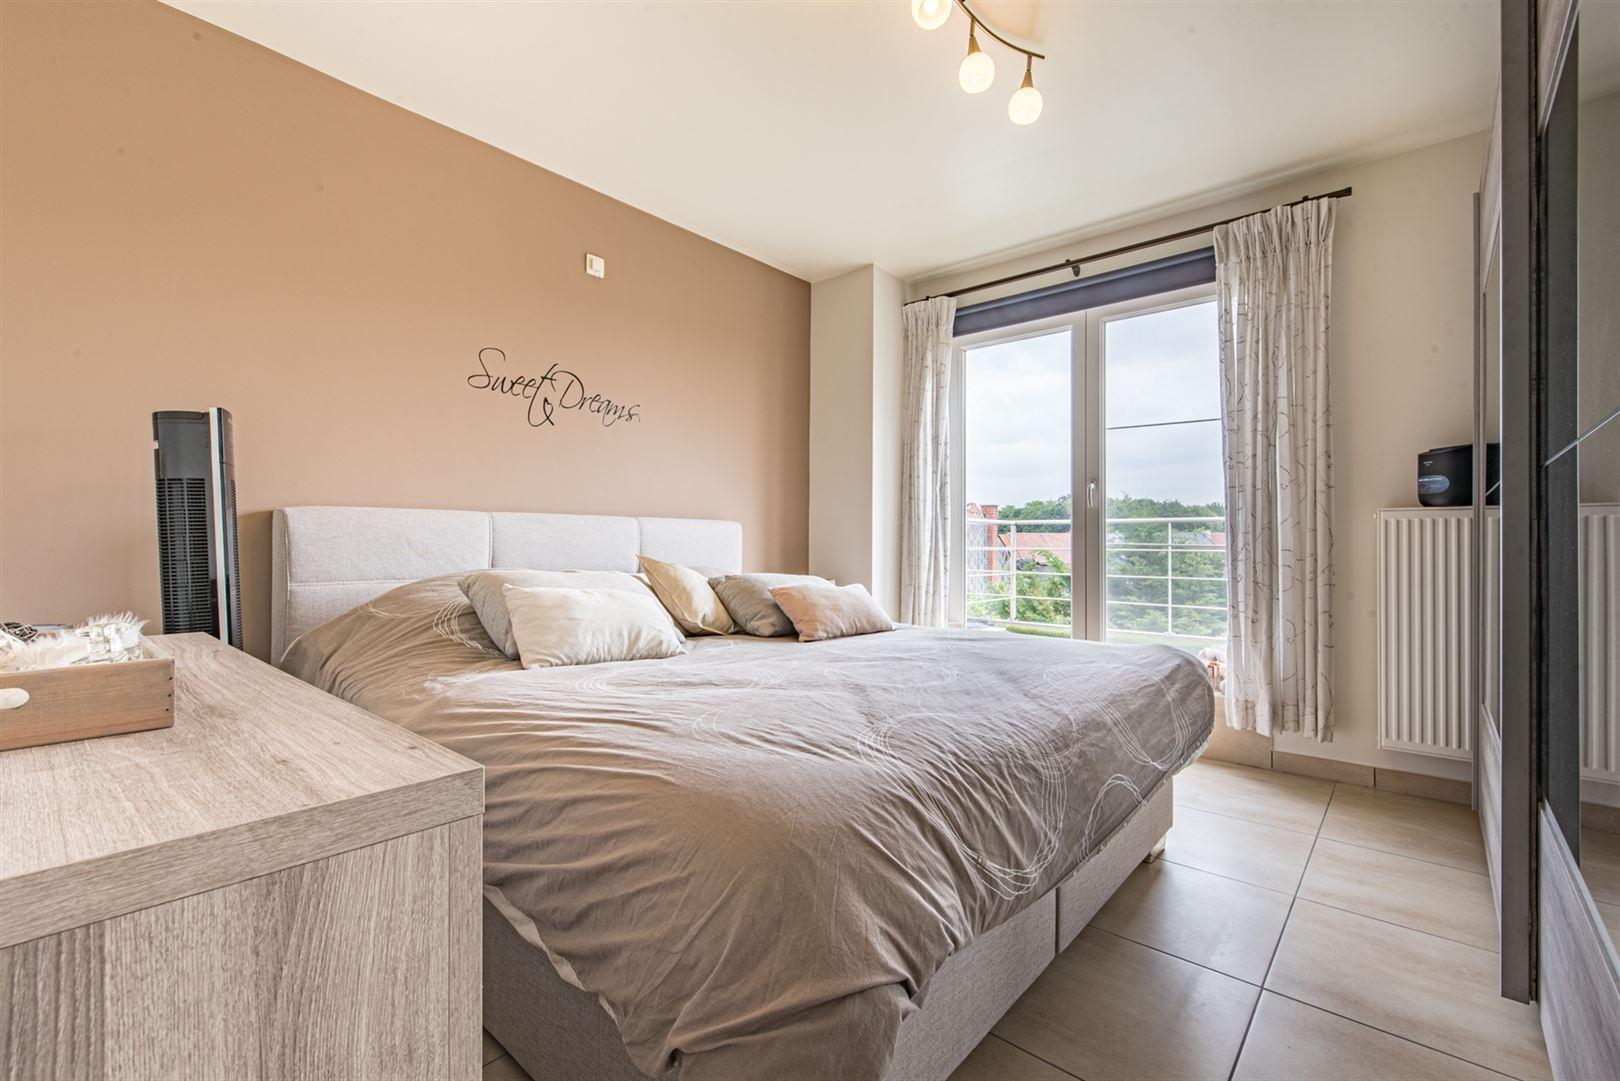 Foto 7 : Appartement te 9240 ZELE (België) - Prijs € 295.000